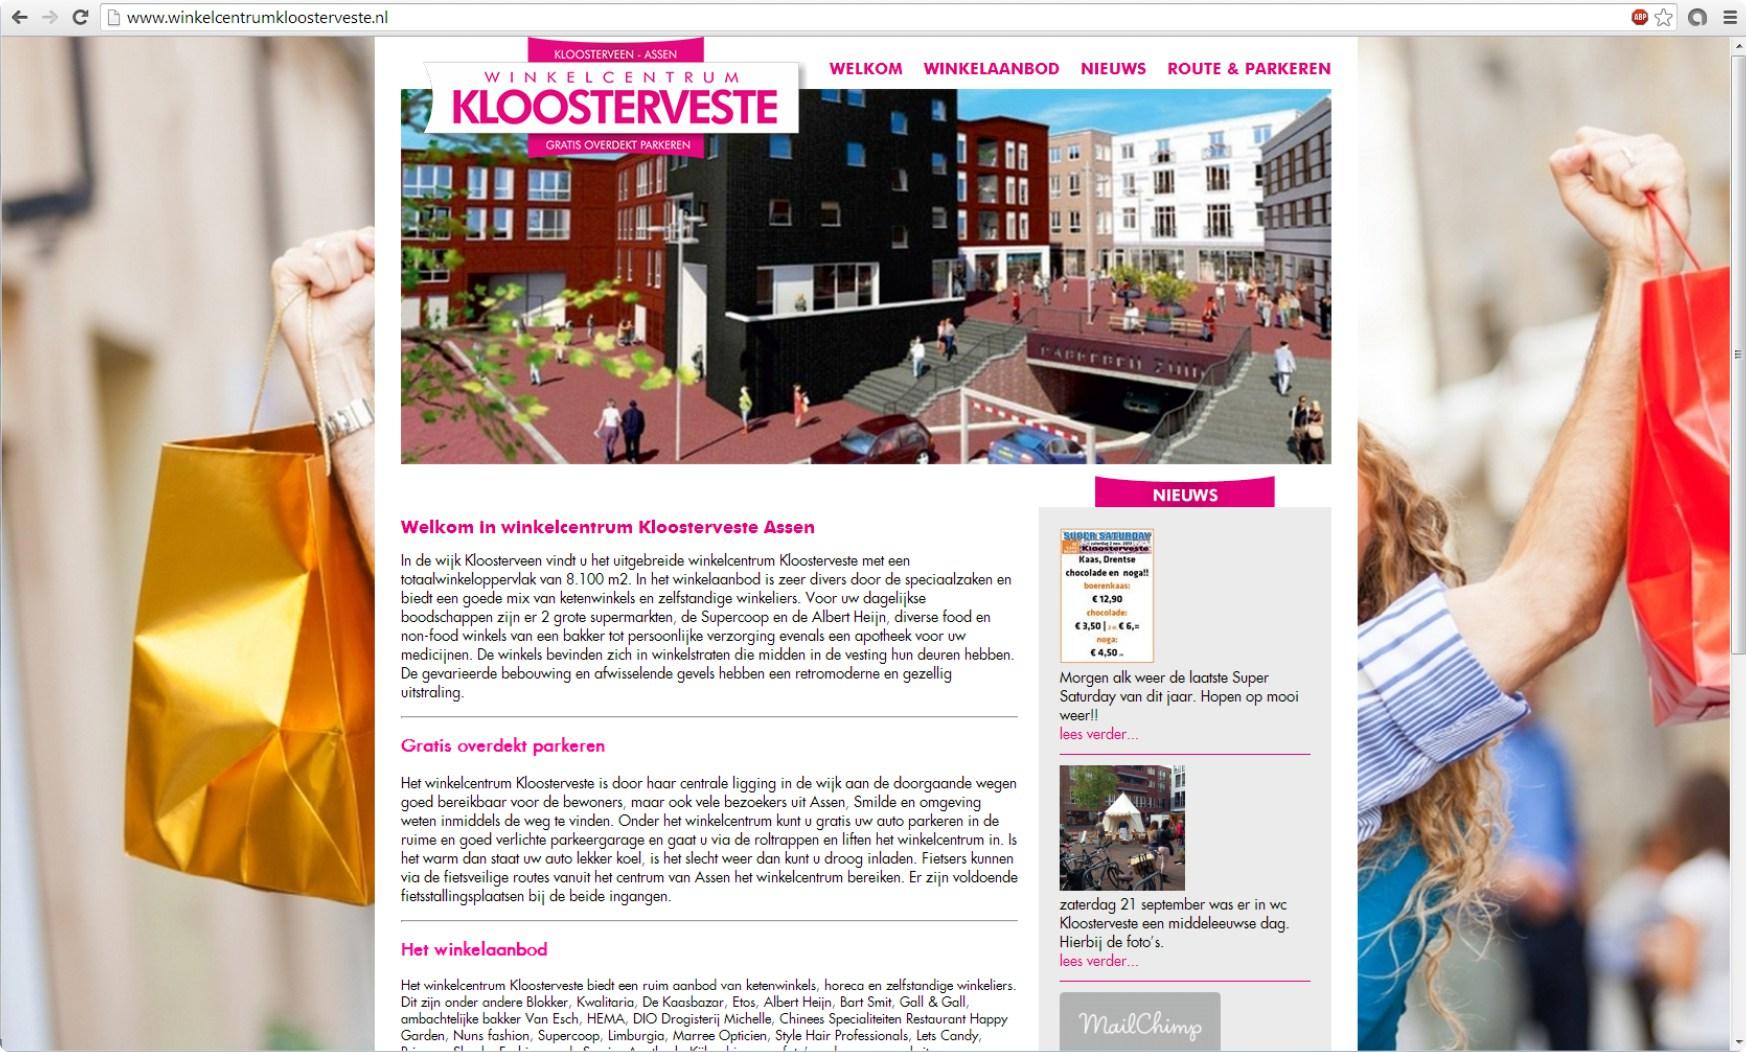 +++www.winkelcentrumkloosterveste.nl